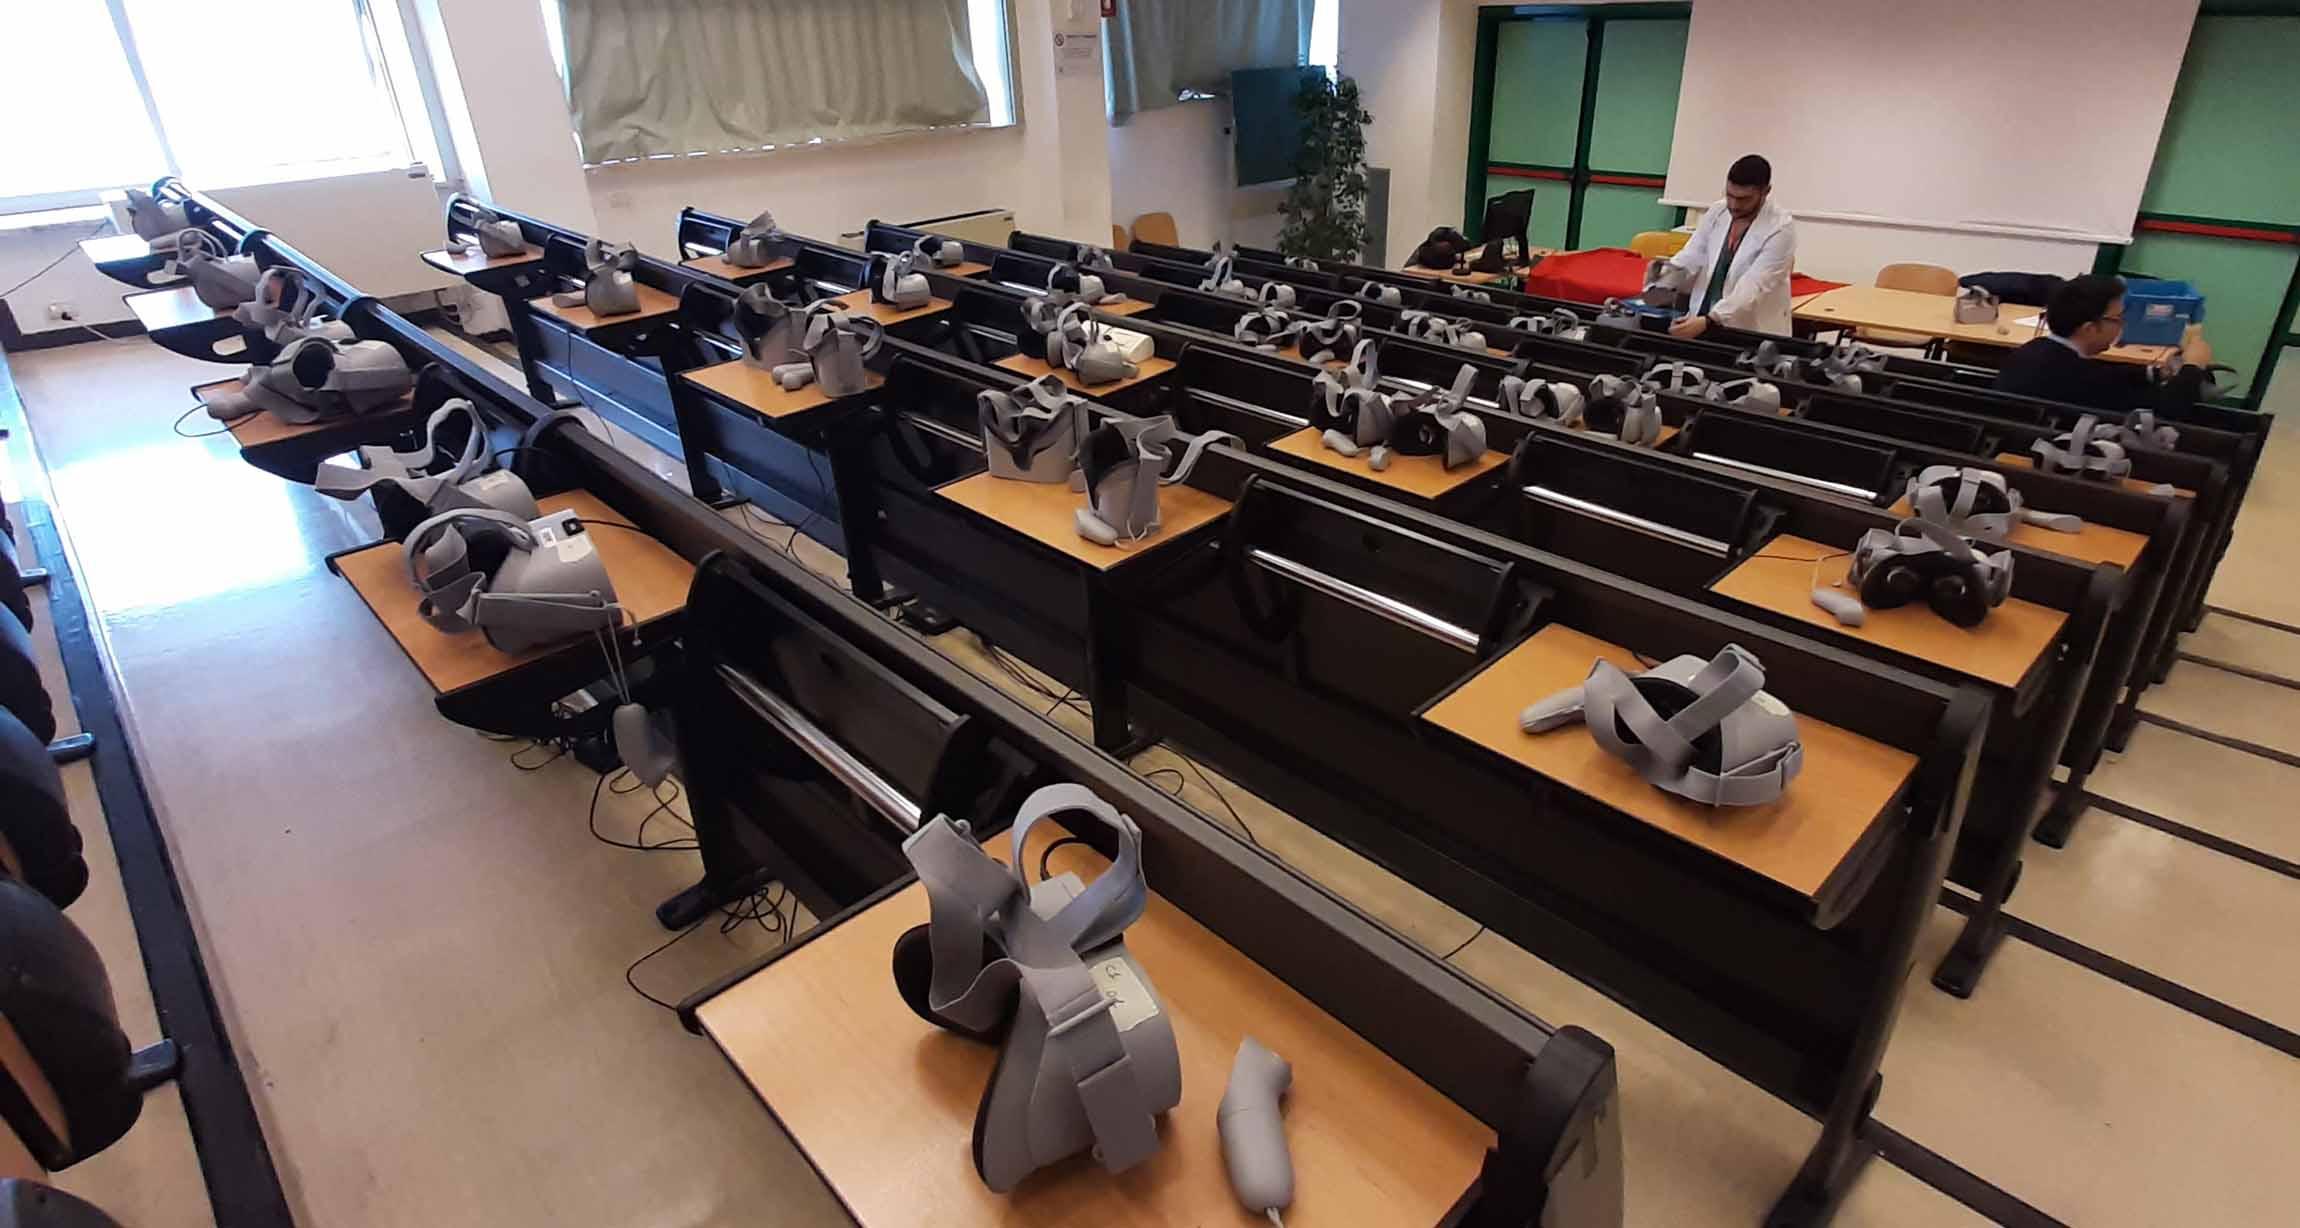 un sistema di live streaming 360 su rete locale in real time senza delay tra 2 camere 360° posizionate in due sale operatorie diverse. Abbiamo usato un sistema di regia live audio e video, che ha permesso a gruppi di 50 infermieri e specializzandi per volta di vivere in maniera immersiva la sala operatoria durante delle gastroscopie. Abbiamo collegato i visori Oculus GO (50x) in rete locale